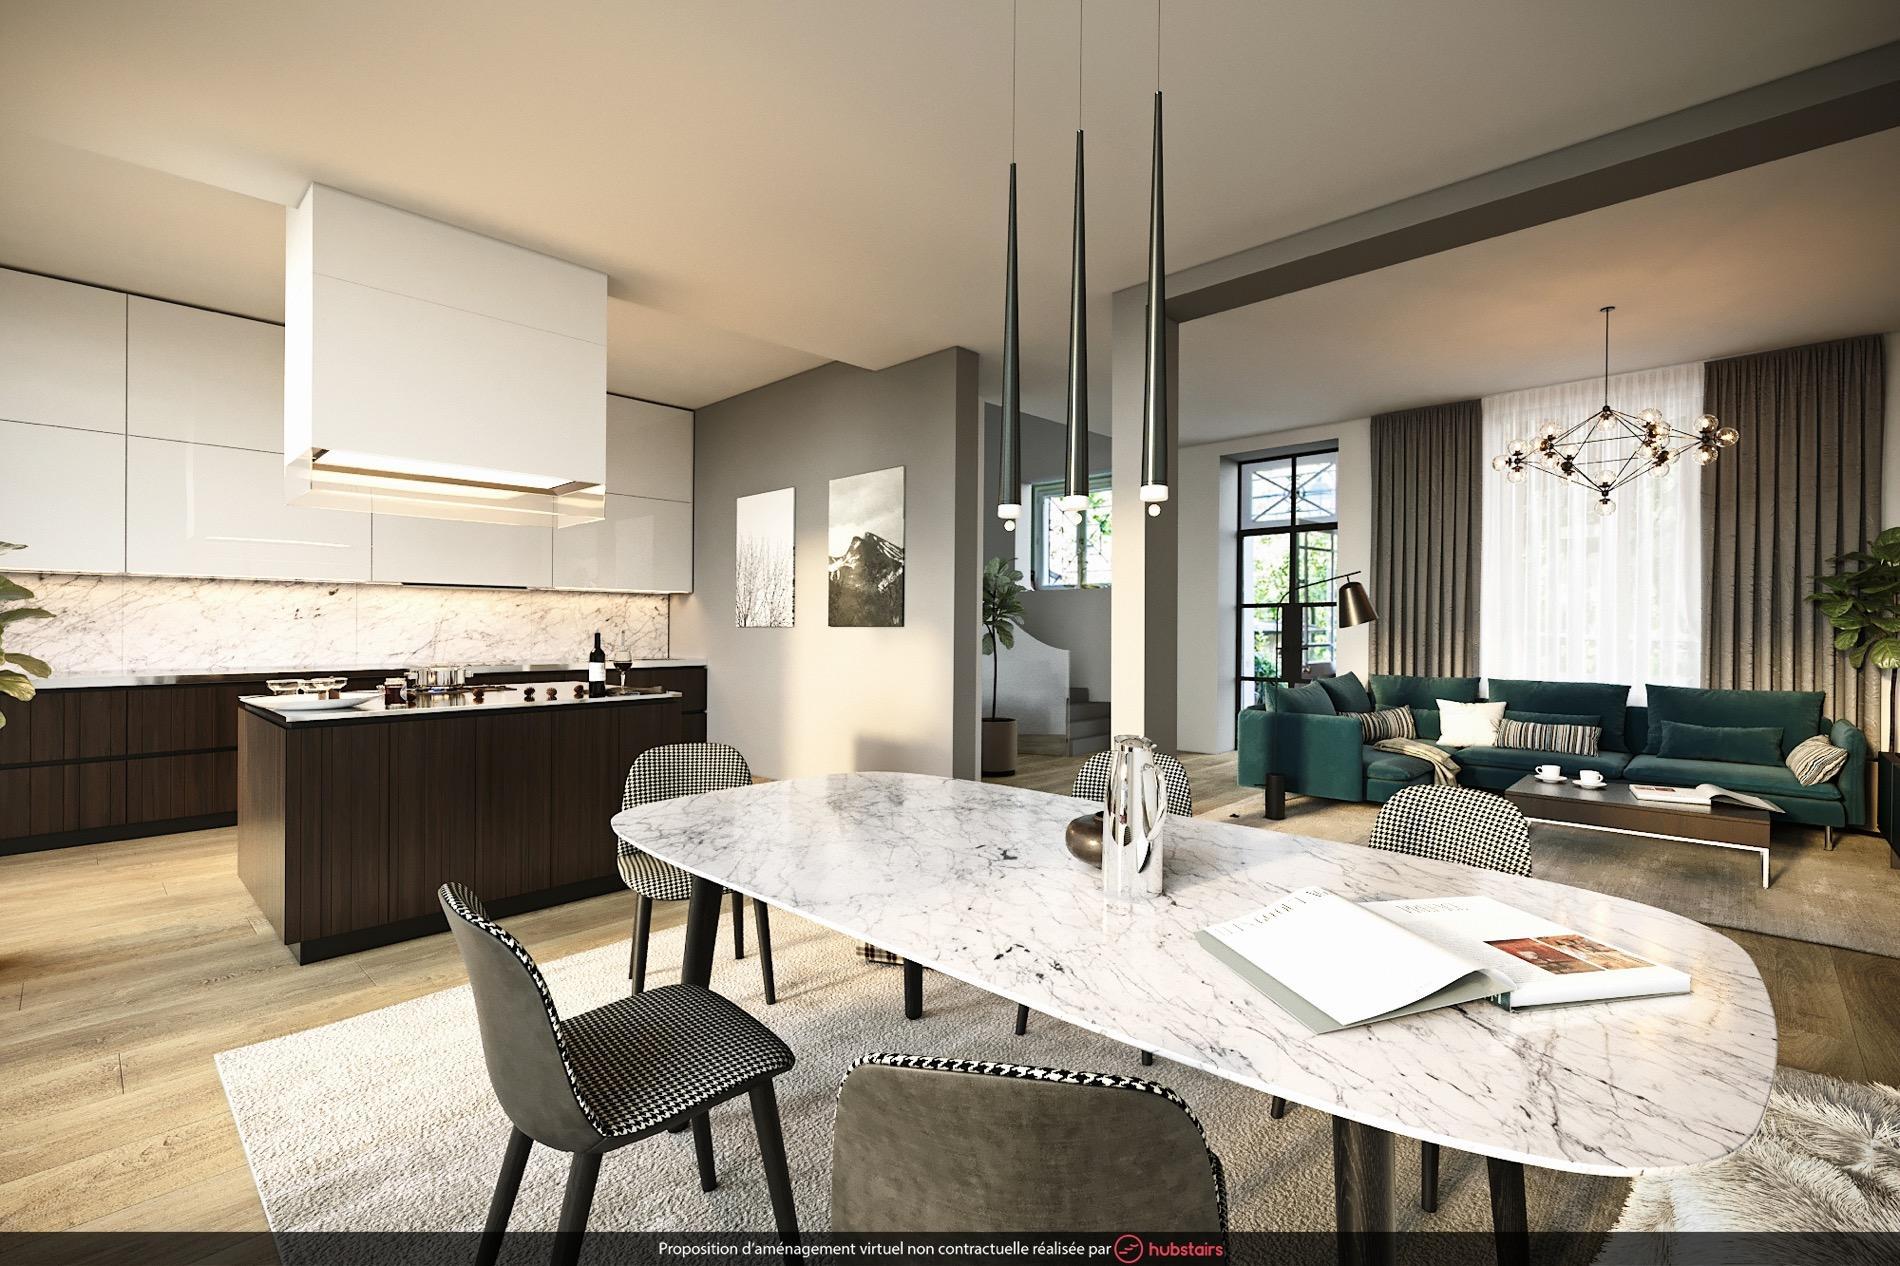 comment cr er deux espaces de vie dans un salon madame figaro. Black Bedroom Furniture Sets. Home Design Ideas